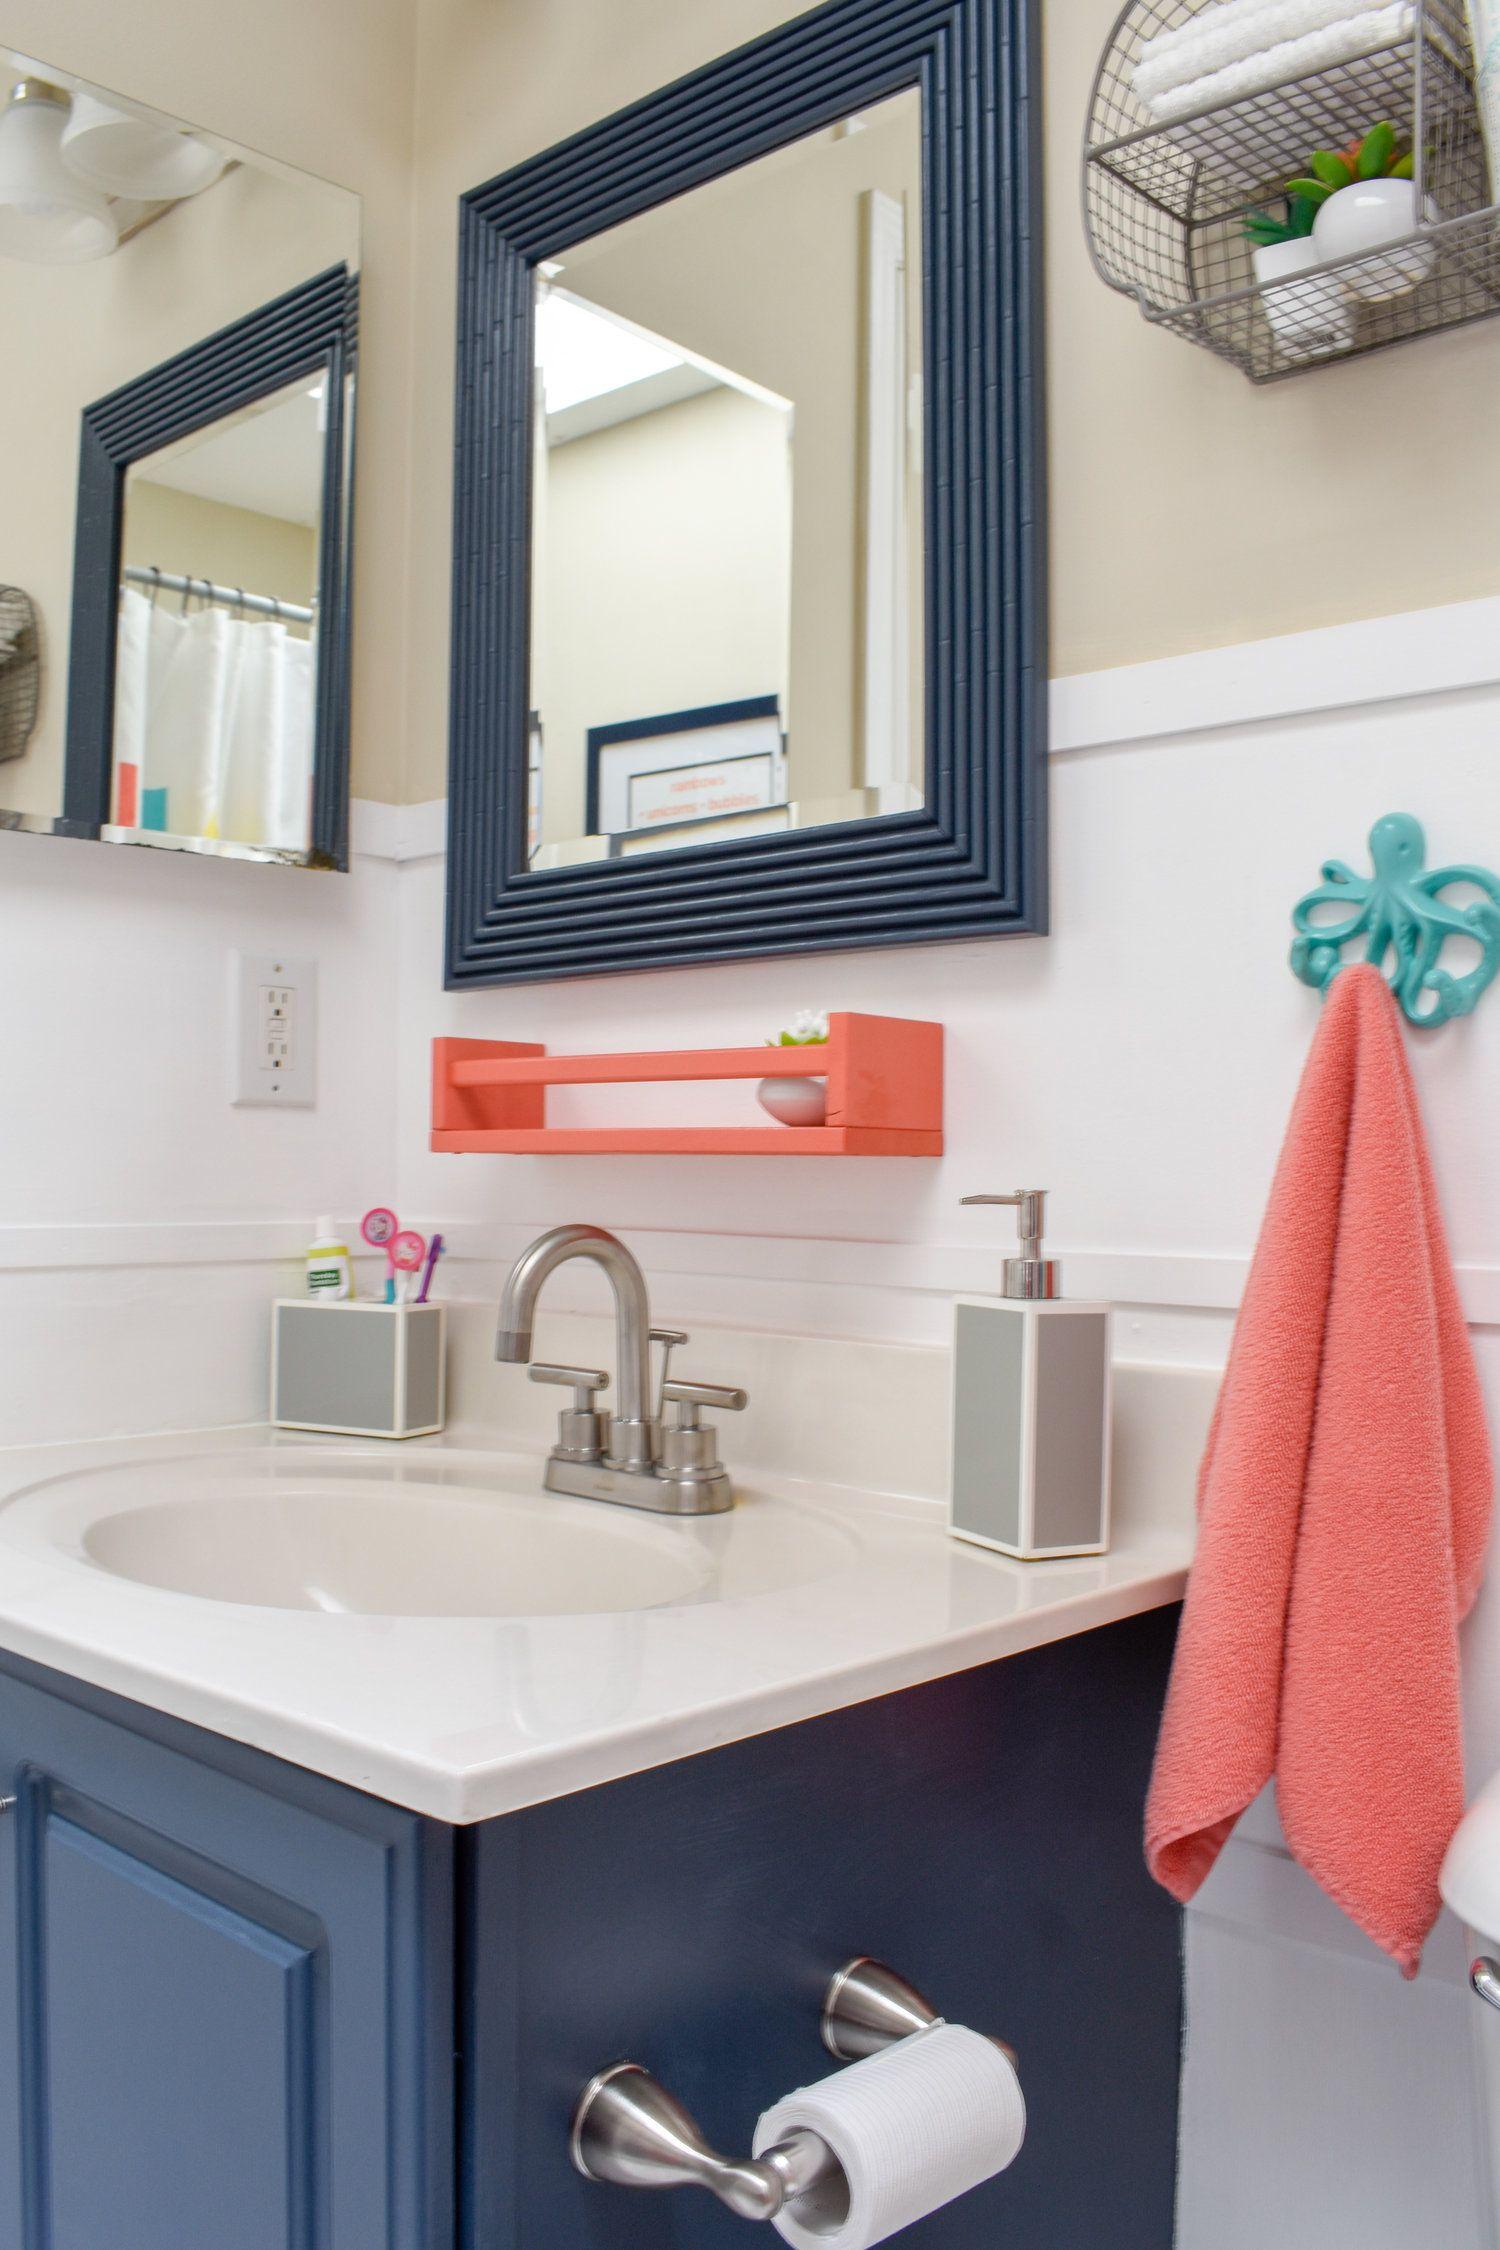 Photo of One Day Makeover: Inszenierung eines Kinderbadezimmers zum Verkauf in nur 8 Stunden für unter 200 US-Dollar! – T. MOORE HOME | Design, DIY und erschwingliche Dekorationsideen